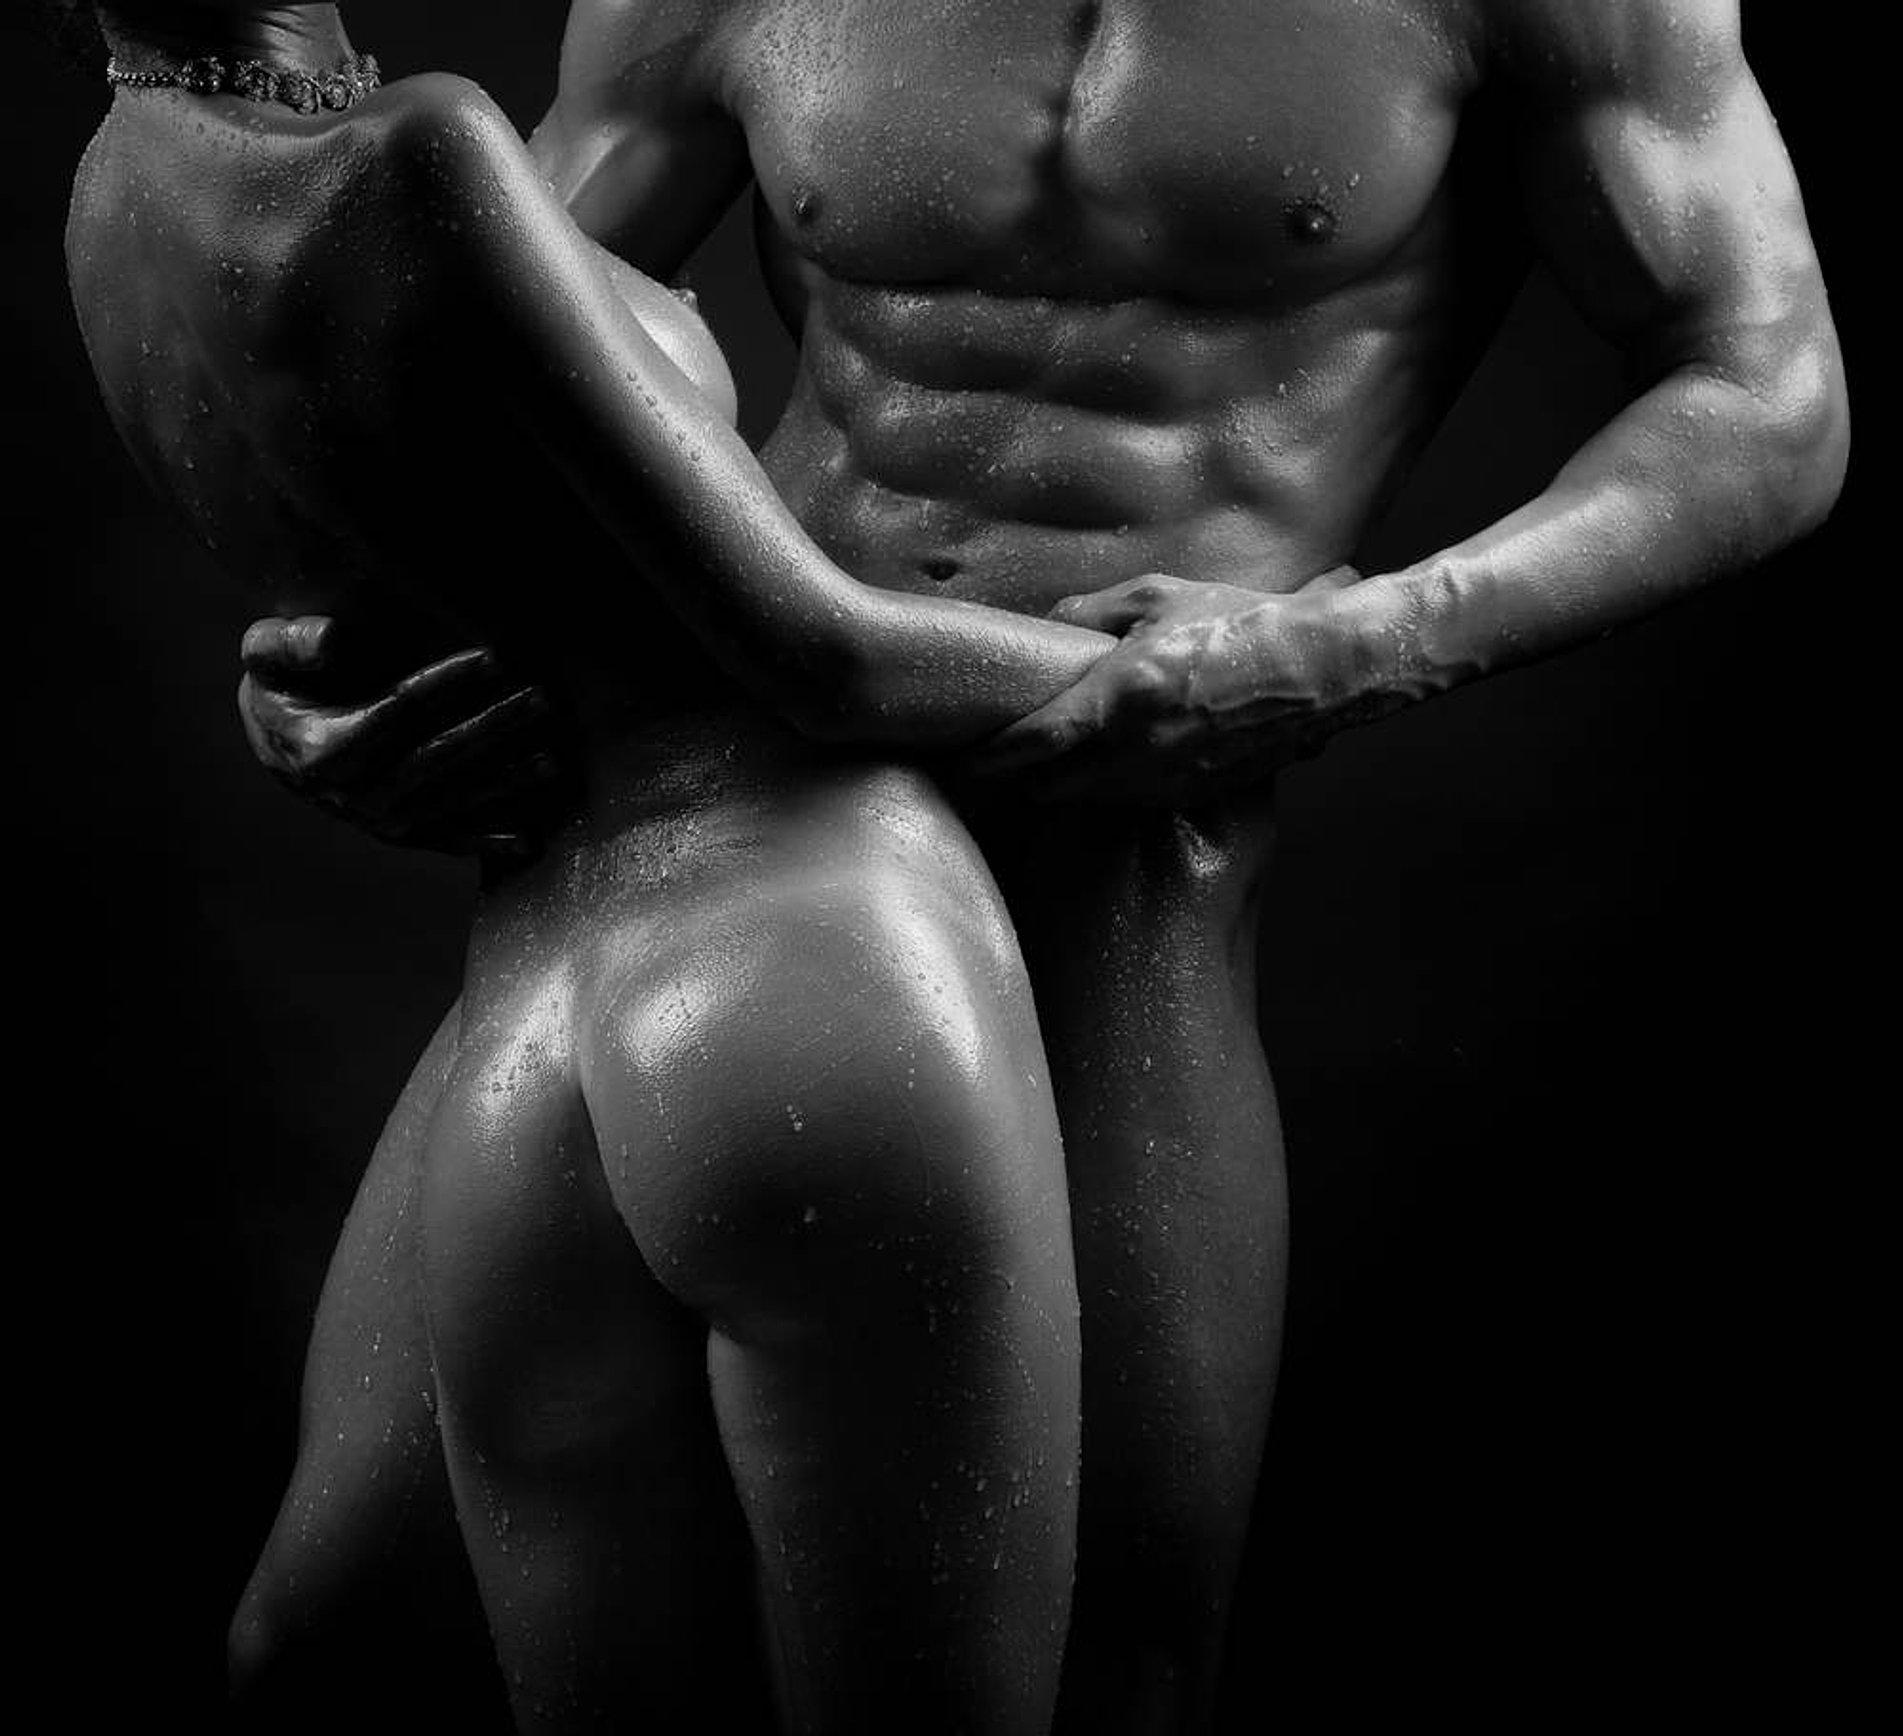 девушка изучает мужское тело эротика - 2